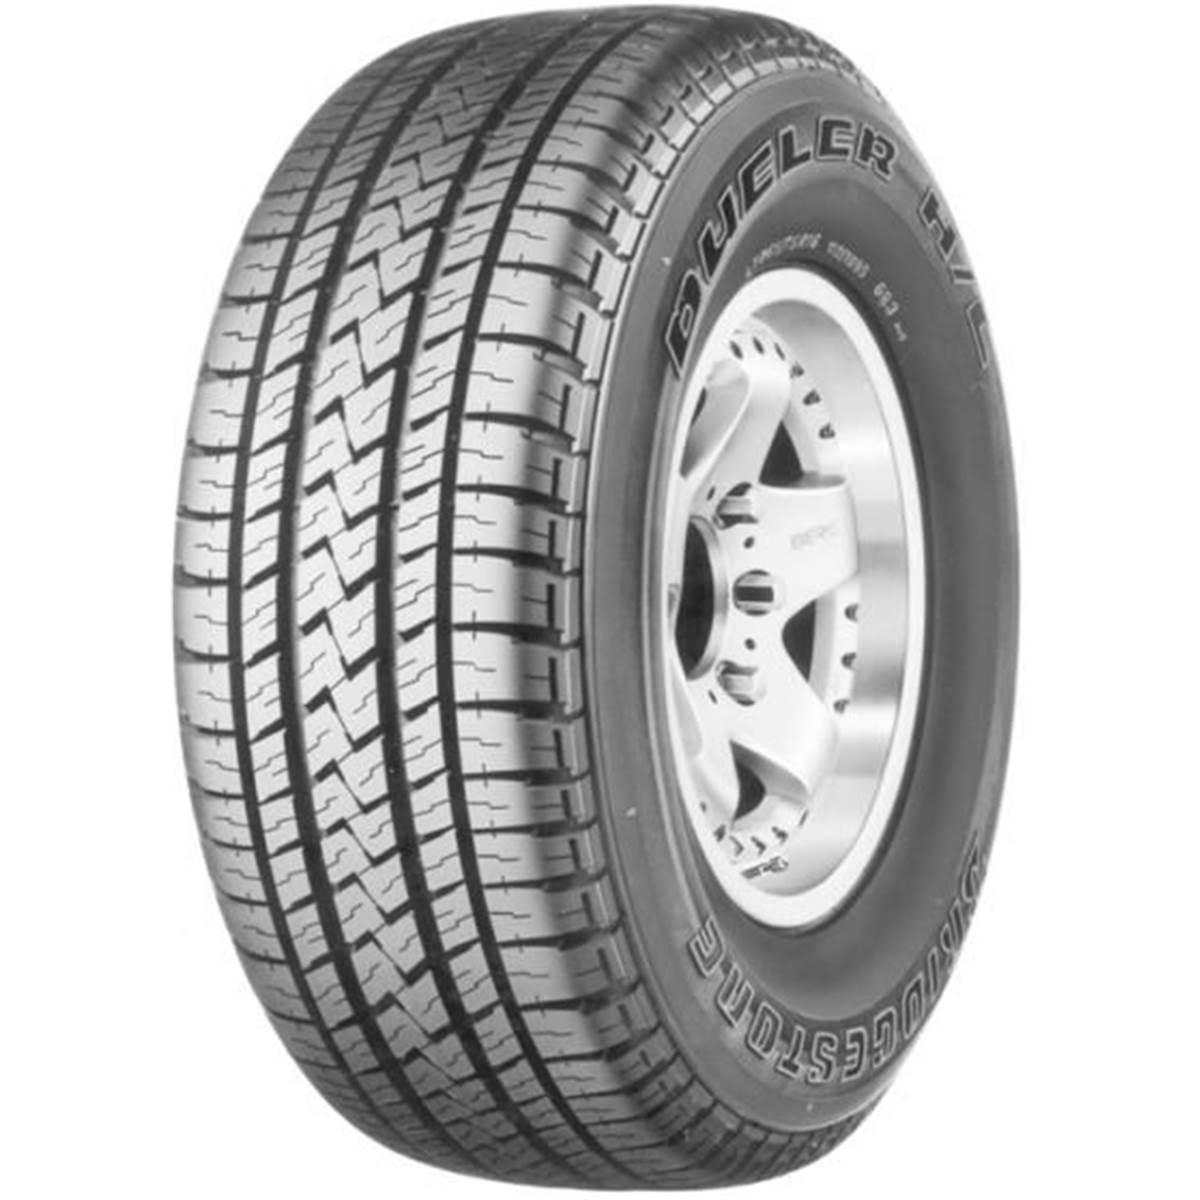 pneu bridgestone dueler h l 683 moins cher sur pneu pas cher. Black Bedroom Furniture Sets. Home Design Ideas